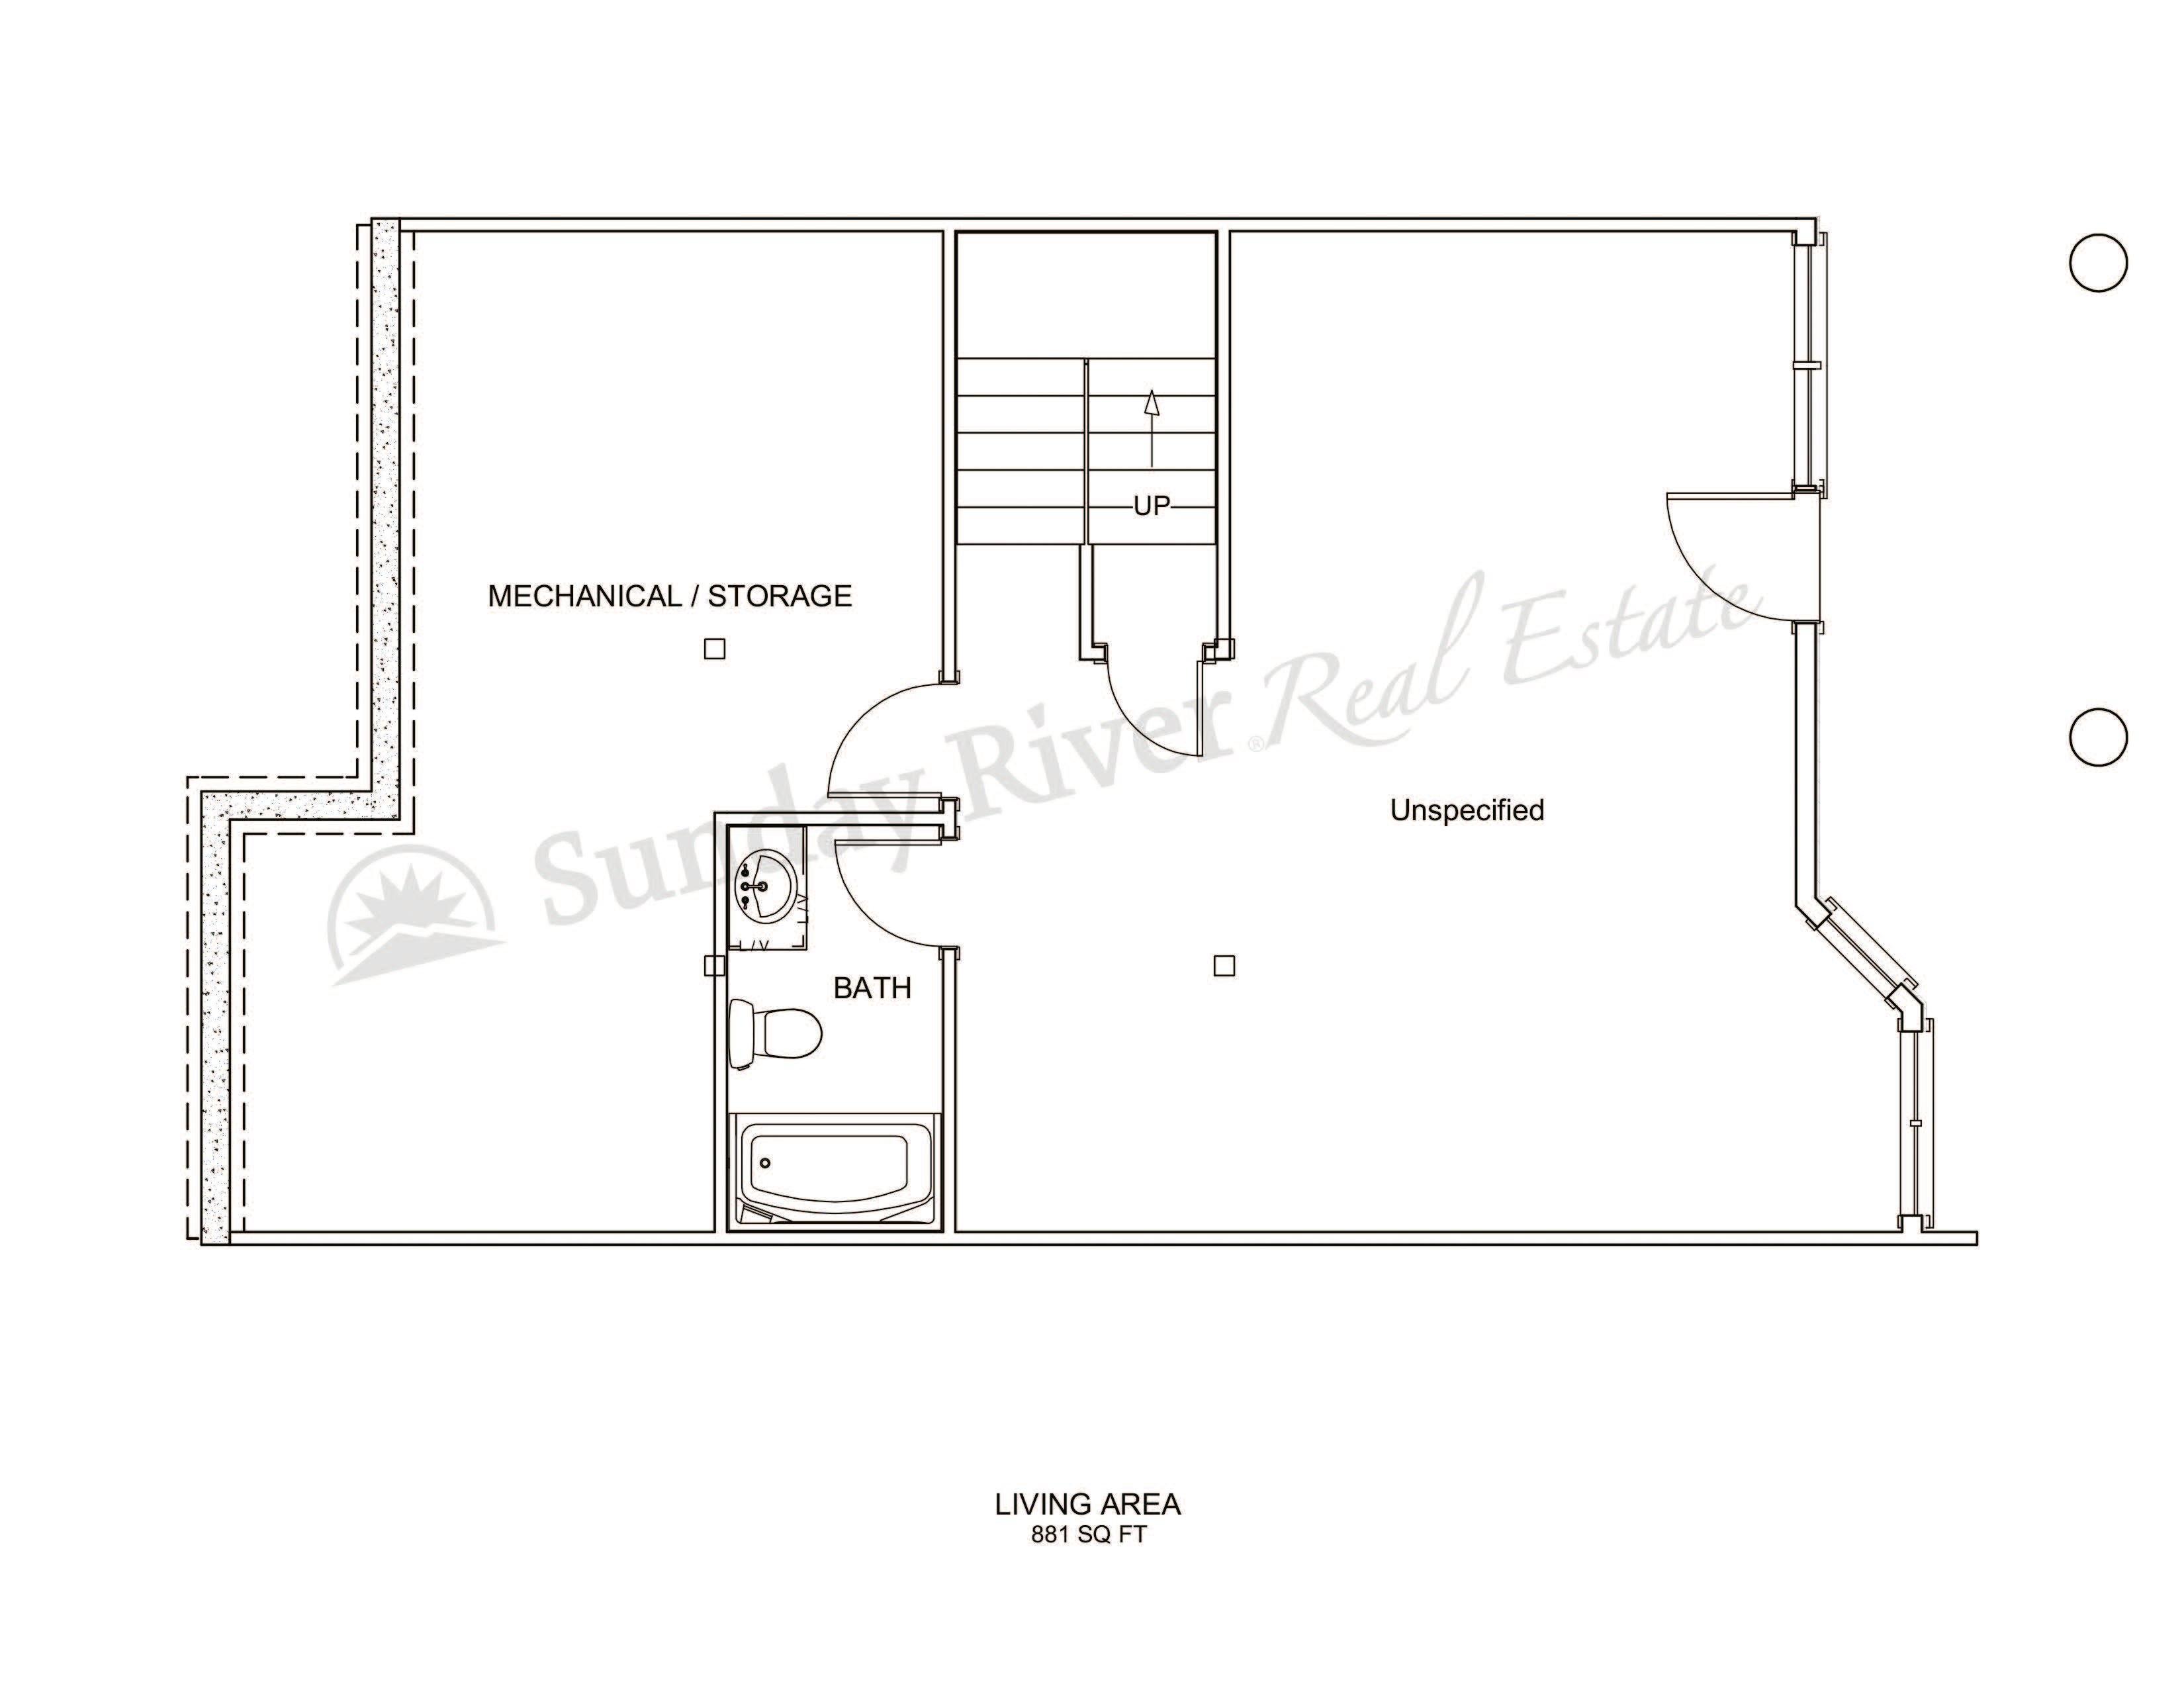 Center Unit | Basement Level